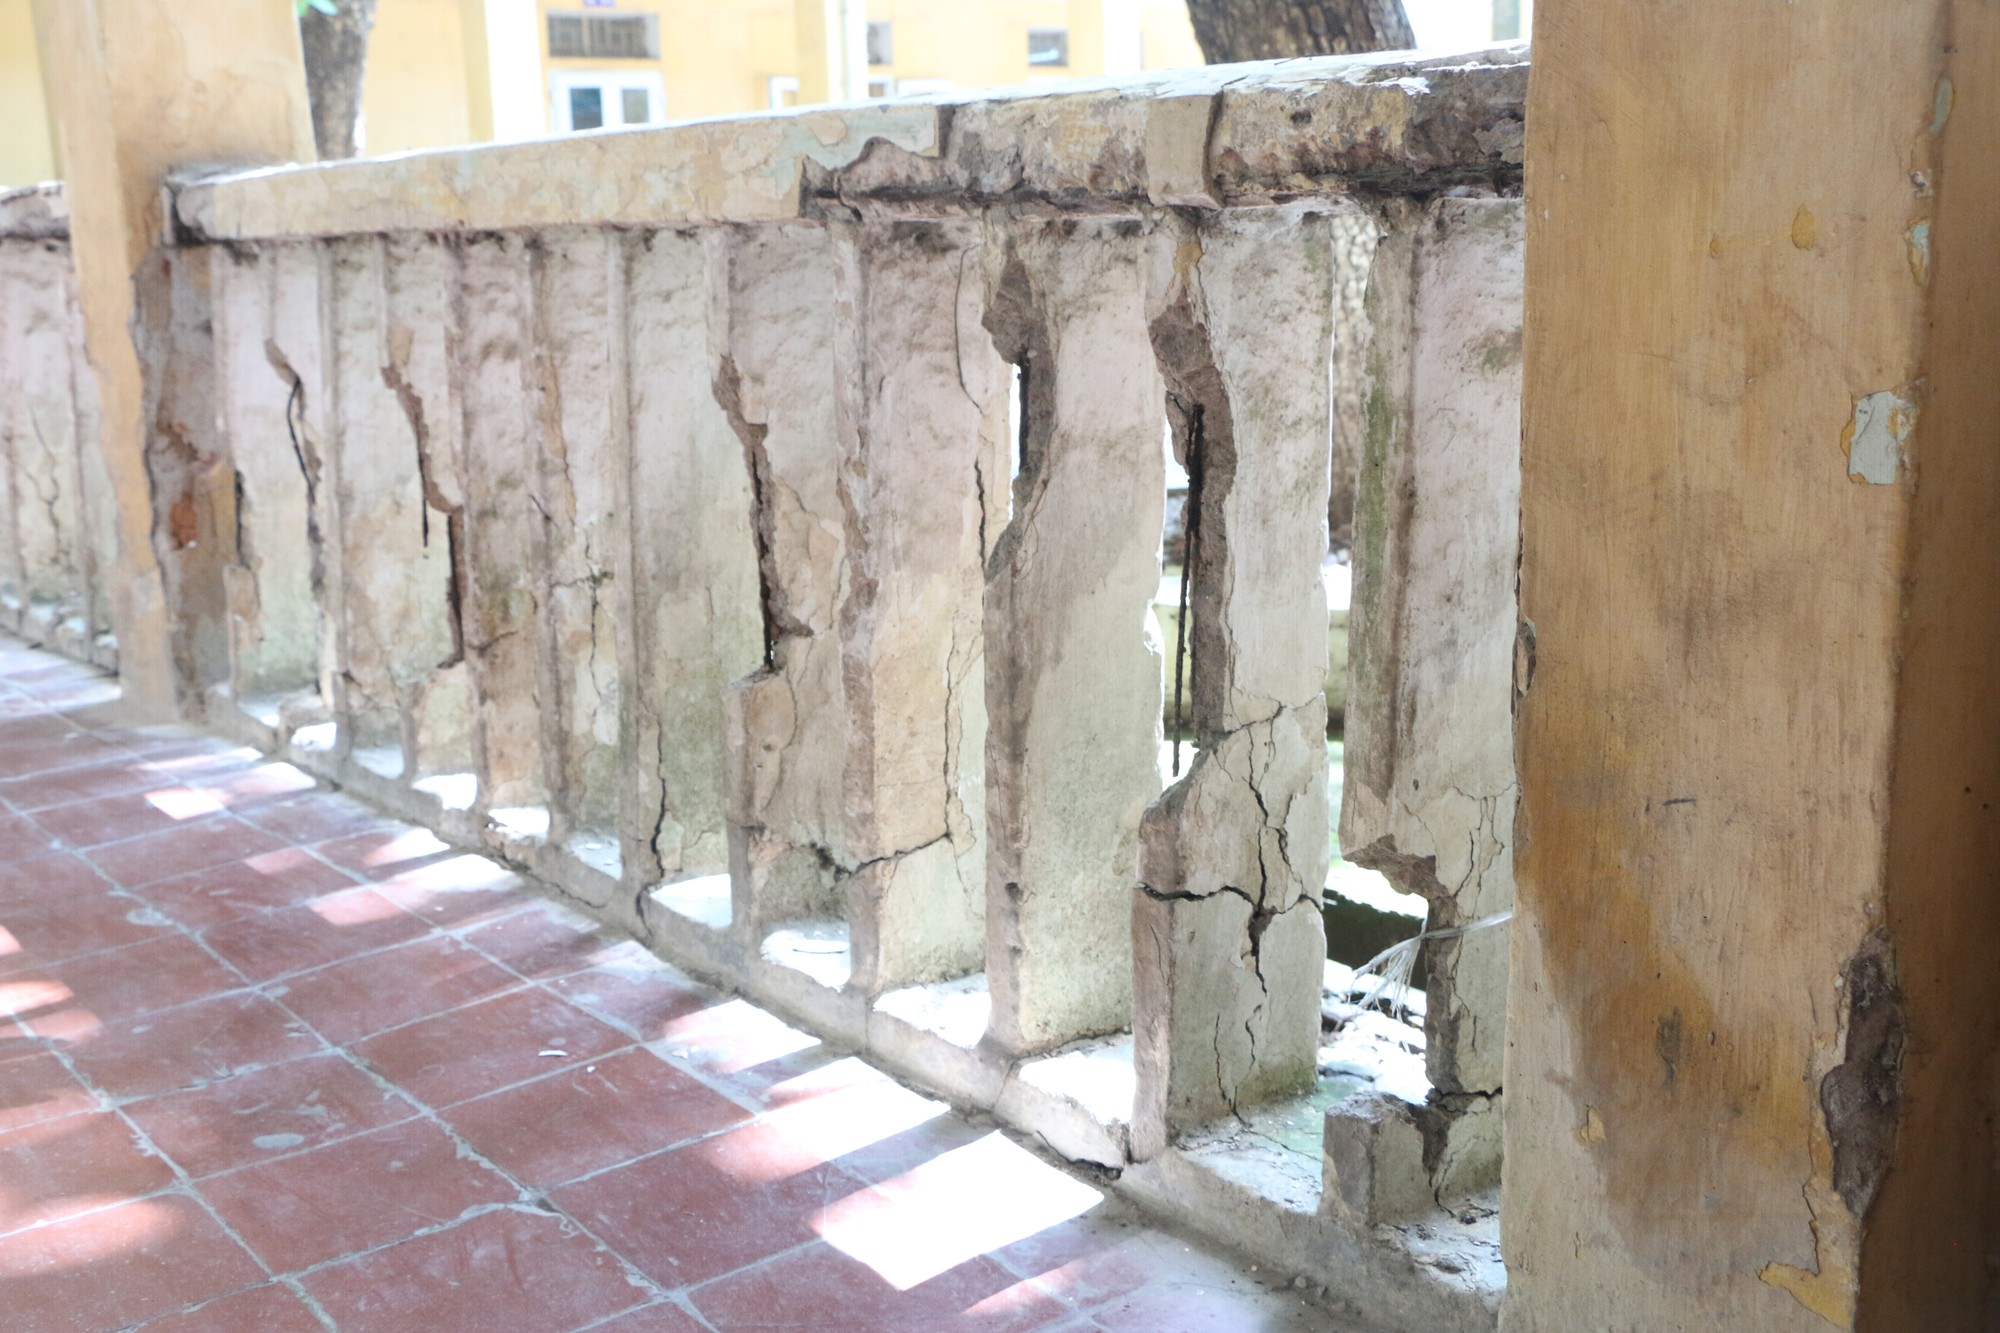 Vữa trần rơi, lan can được rào tạm bằng dây thép gai, ngôi trường cấp 3 giữa Hà Nội có nguy cơ đổ sập  - Ảnh 5.